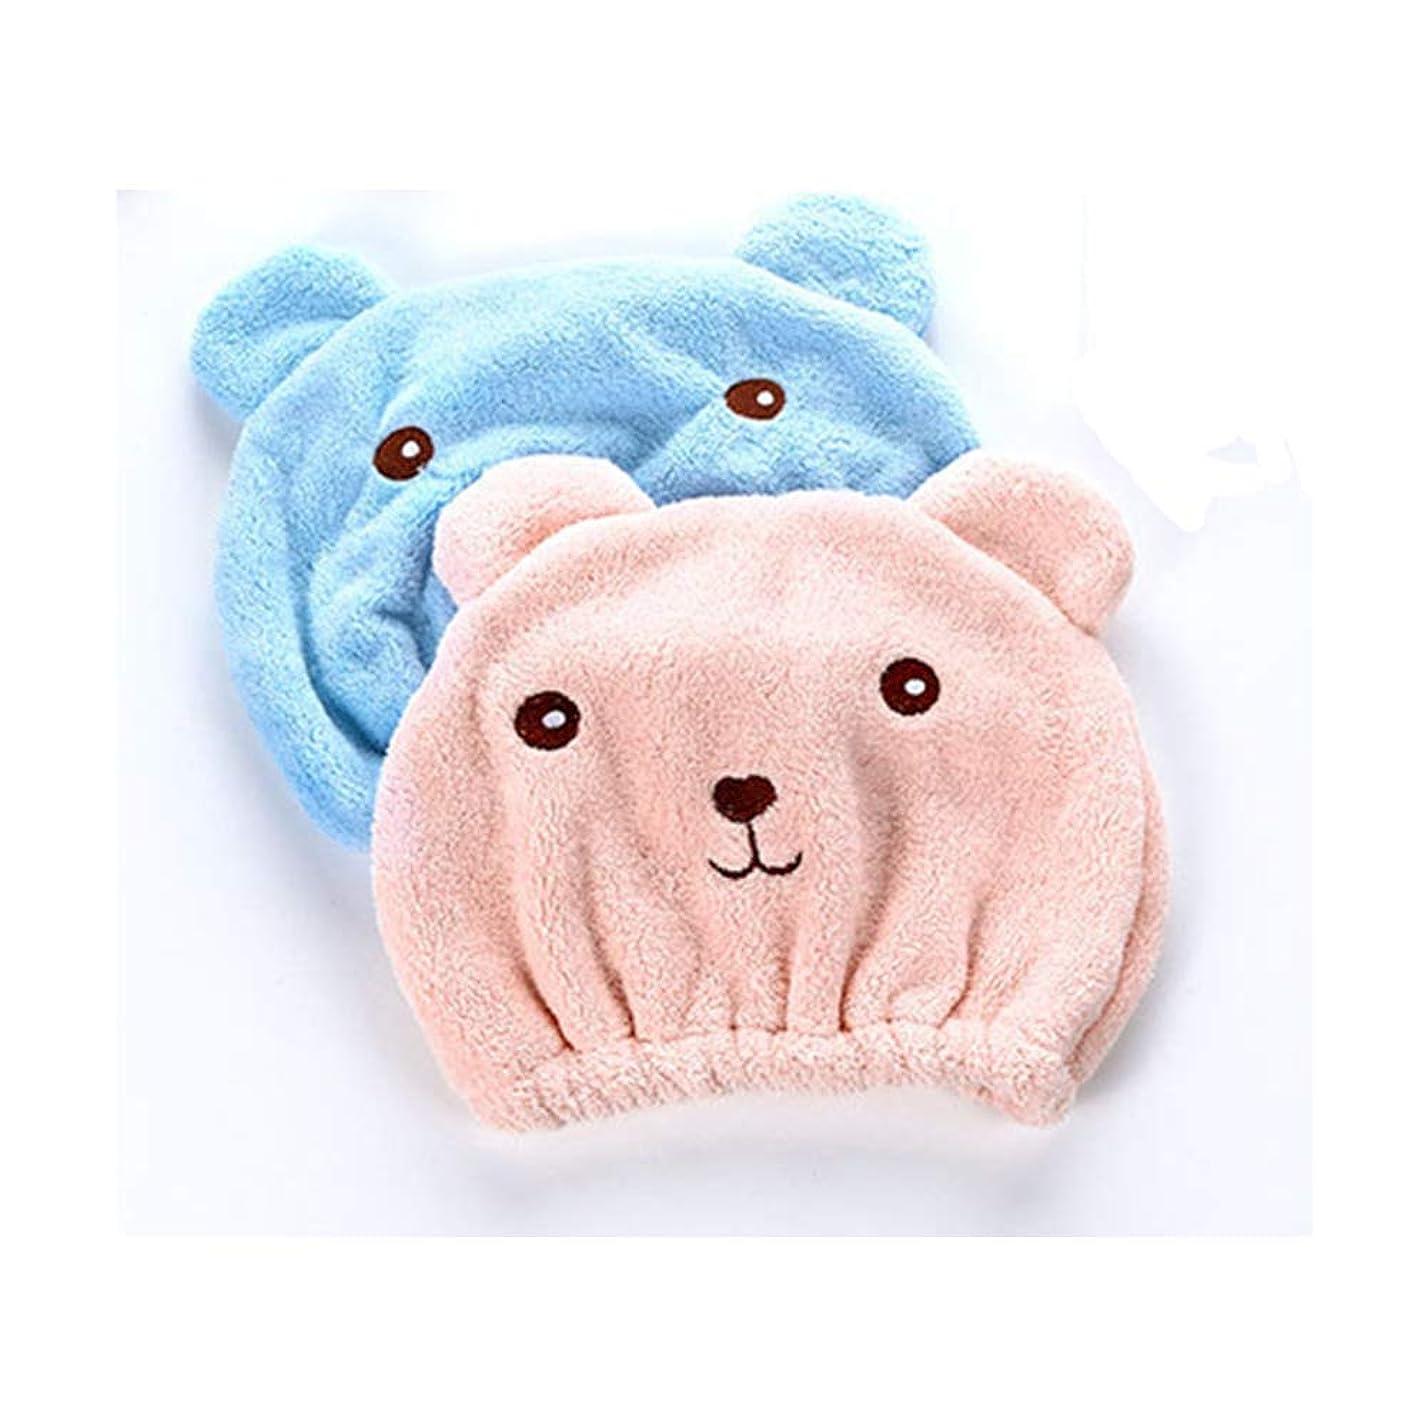 ファウルズームインするゴネリルNUOMI 2ピース タオルキャップ ヘアキャップ ヘアドライ タオル 帽子 かわいい クマ 吸水キャップ シャワーキャップ 吸水 速乾 ふわふわ 伸縮性 子供用 大人用 入浴 ピンク+ブルー